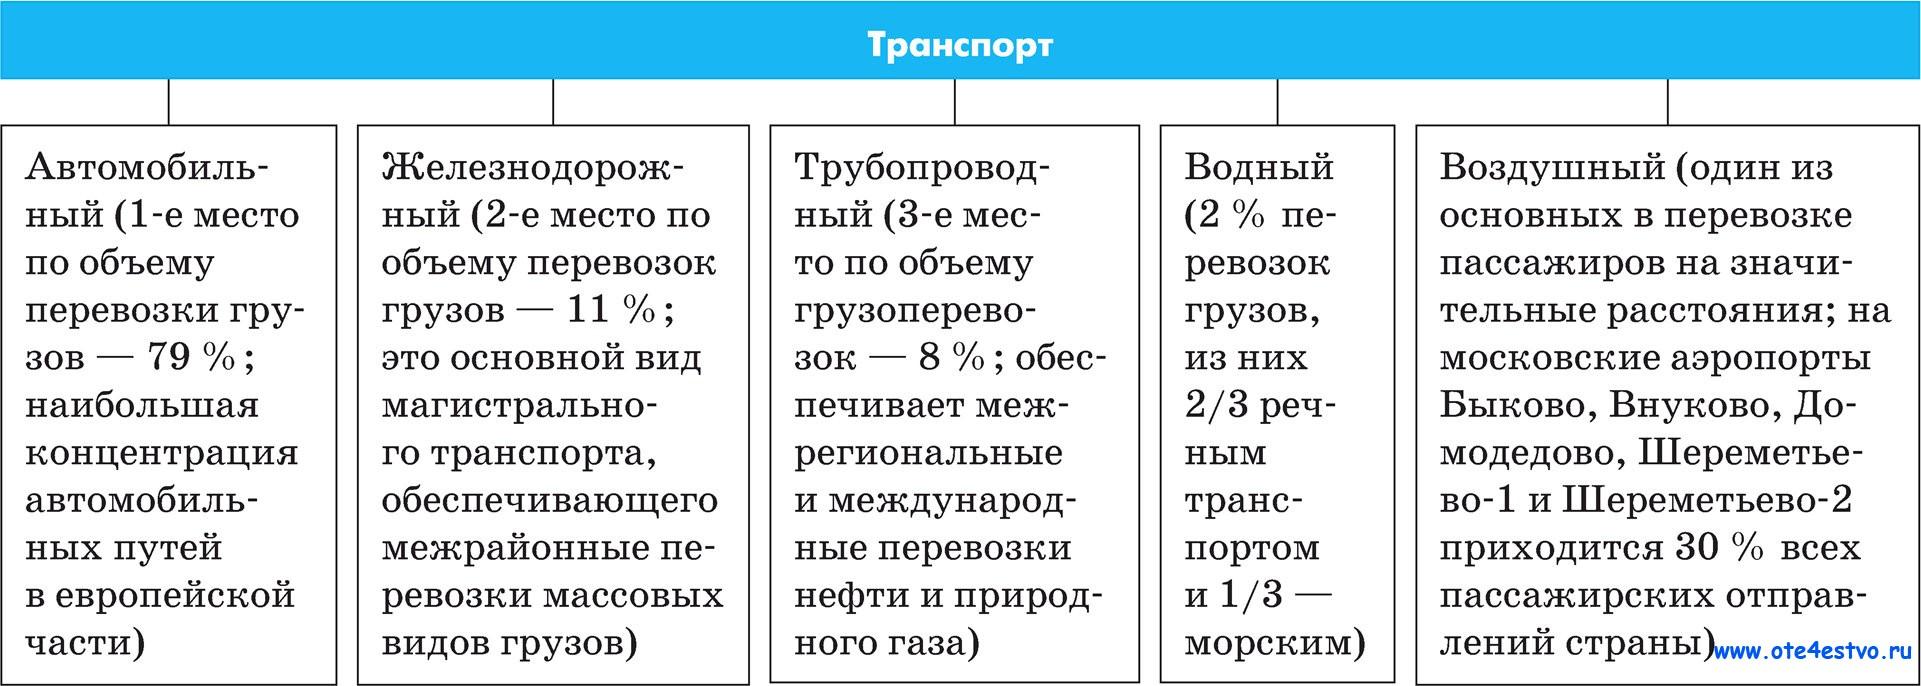 Транспорт россии схема